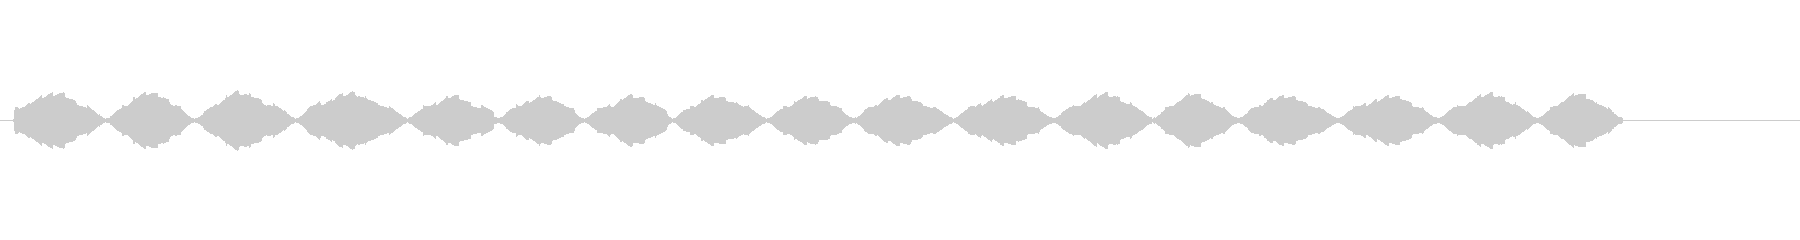 電子、アラーム振動電子音、低の未再生の波形